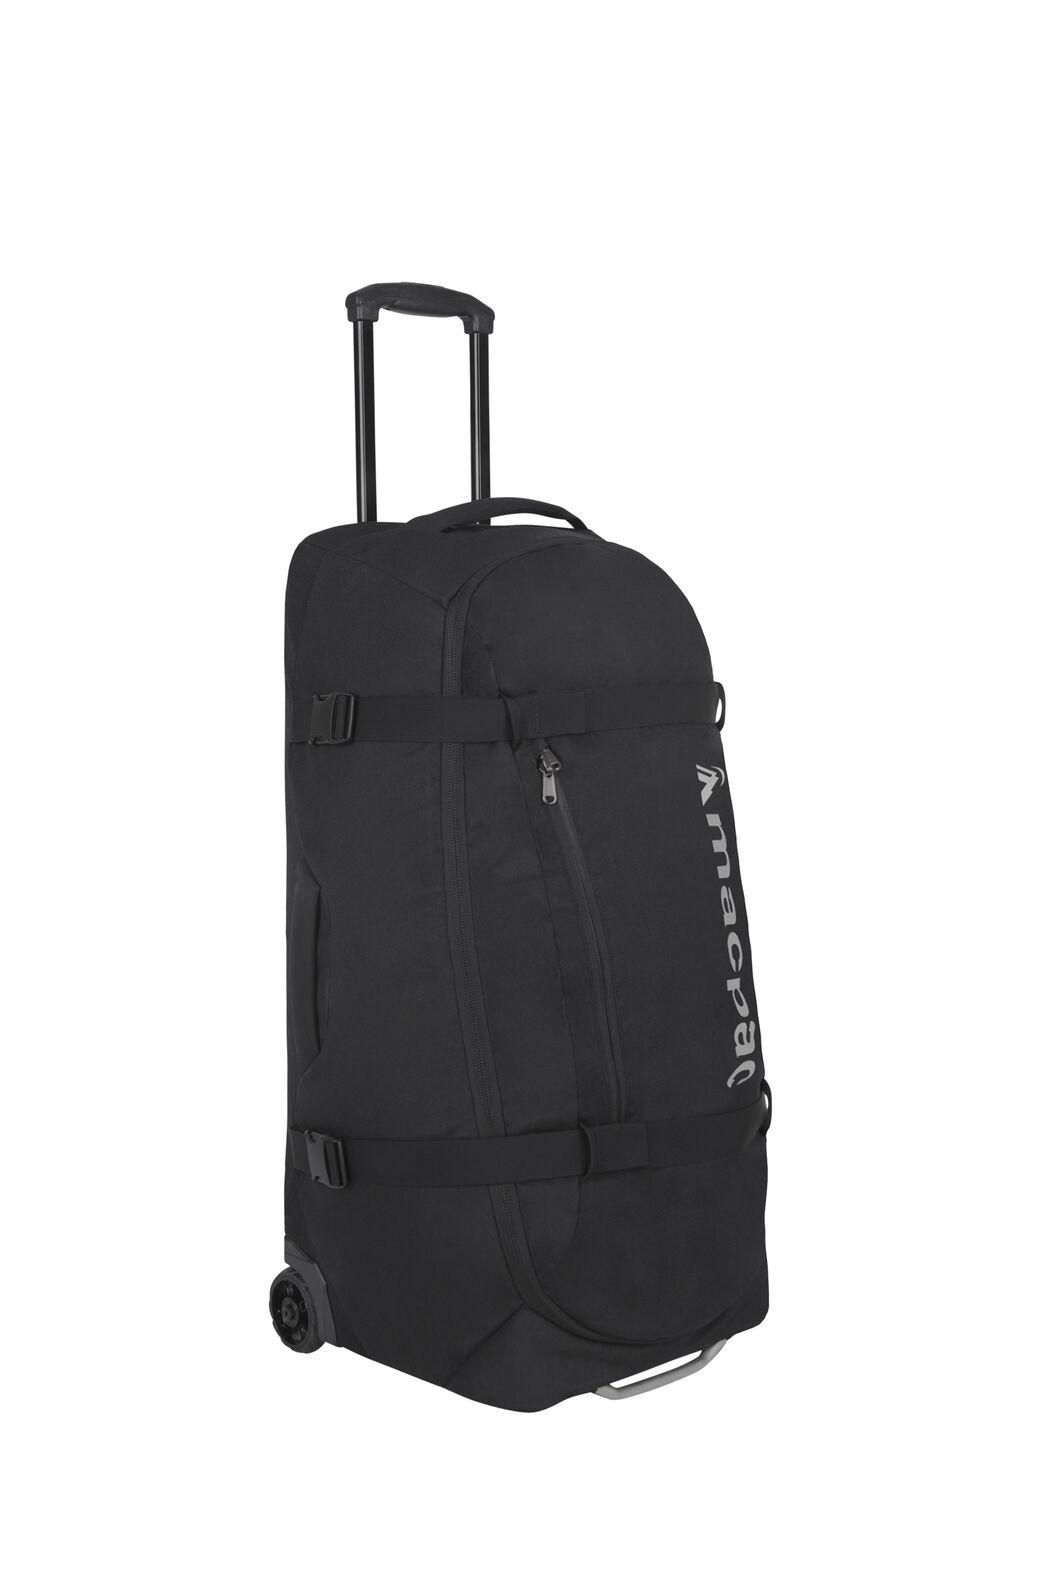 Macpac Global 55L Travel Bag, Black, hi-res